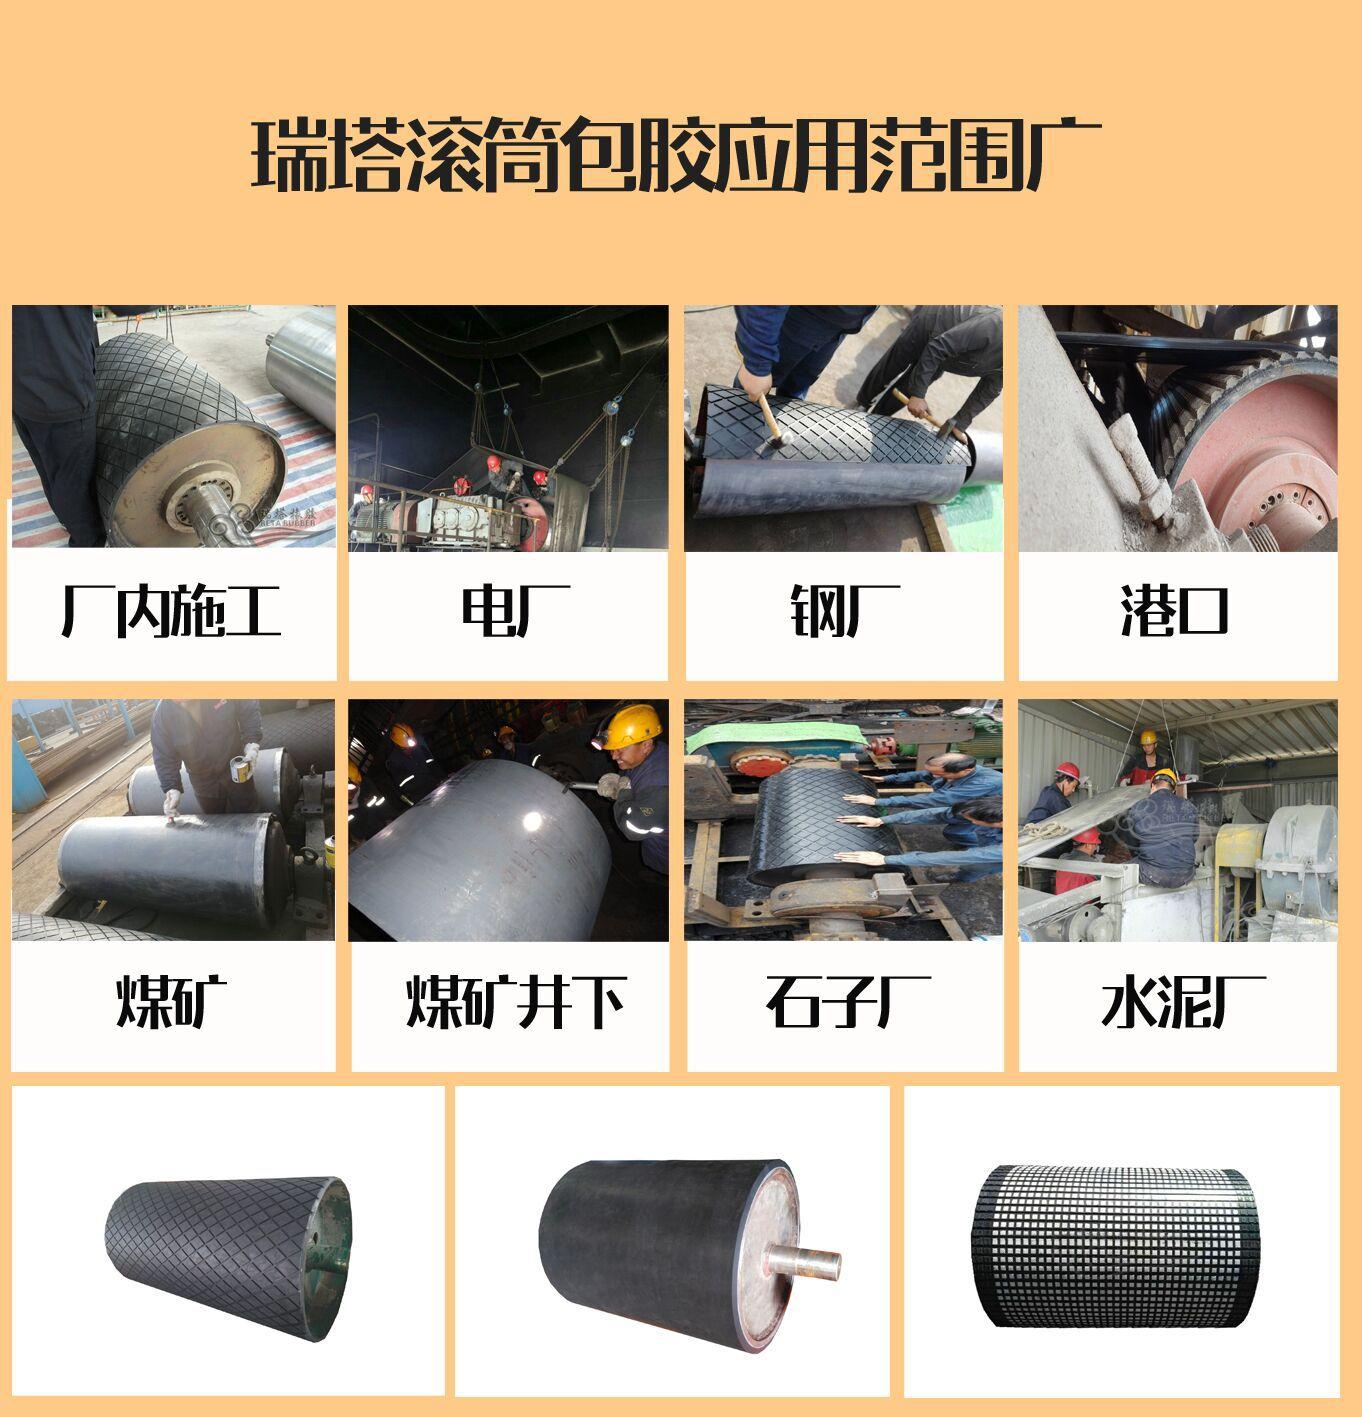 cn层滚筒包胶胶板 耐磨冷硫化cn层滚筒包胶胶板厂家示例图21